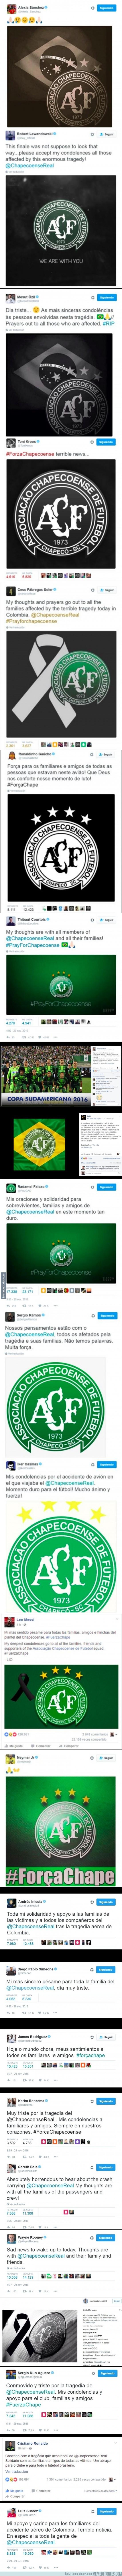 928479 - Los mensajes de apoyo y fuerza del mundo del fútbol